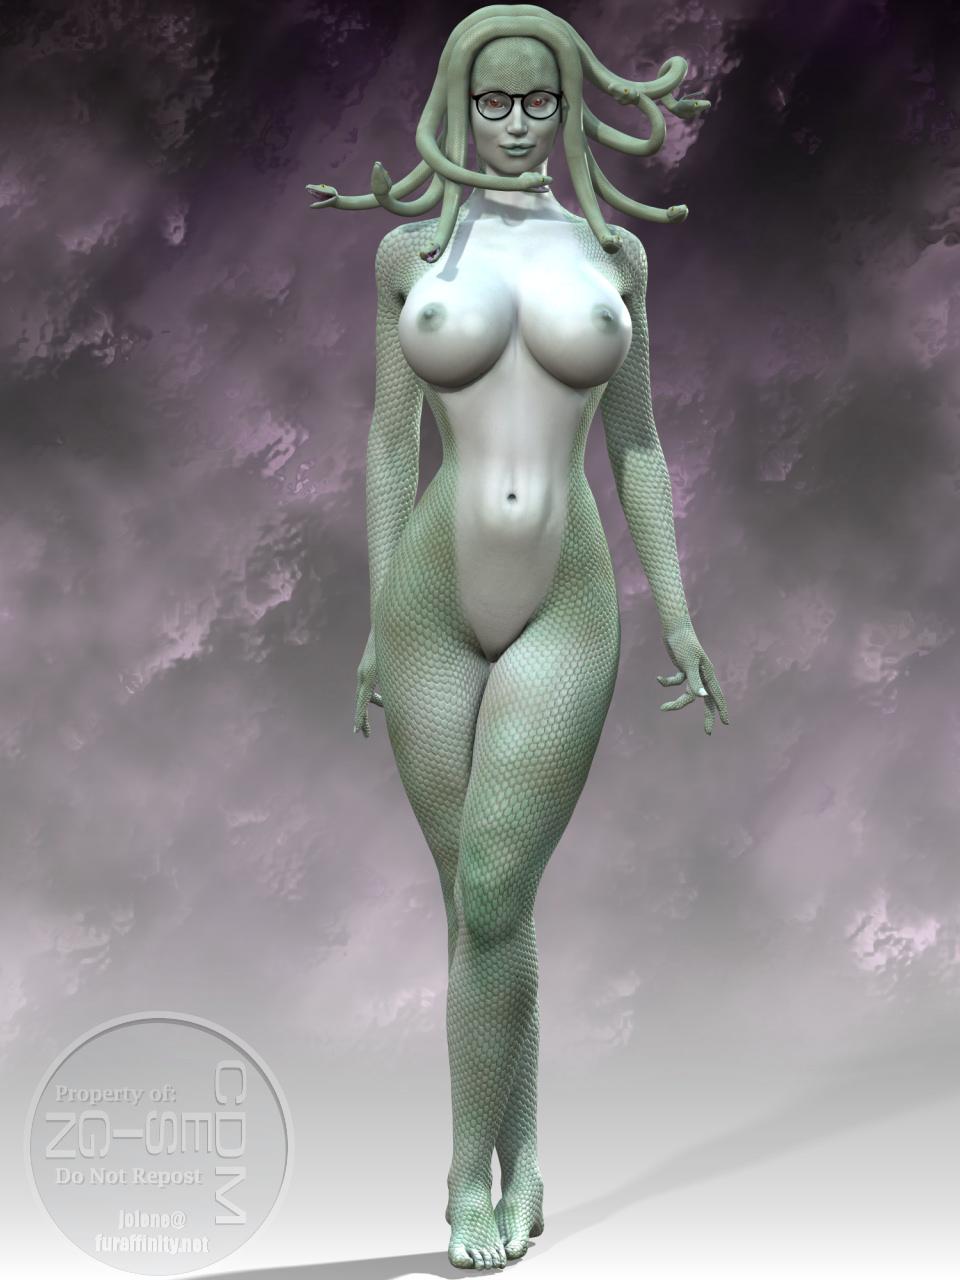 Download medusa porn erotic movie